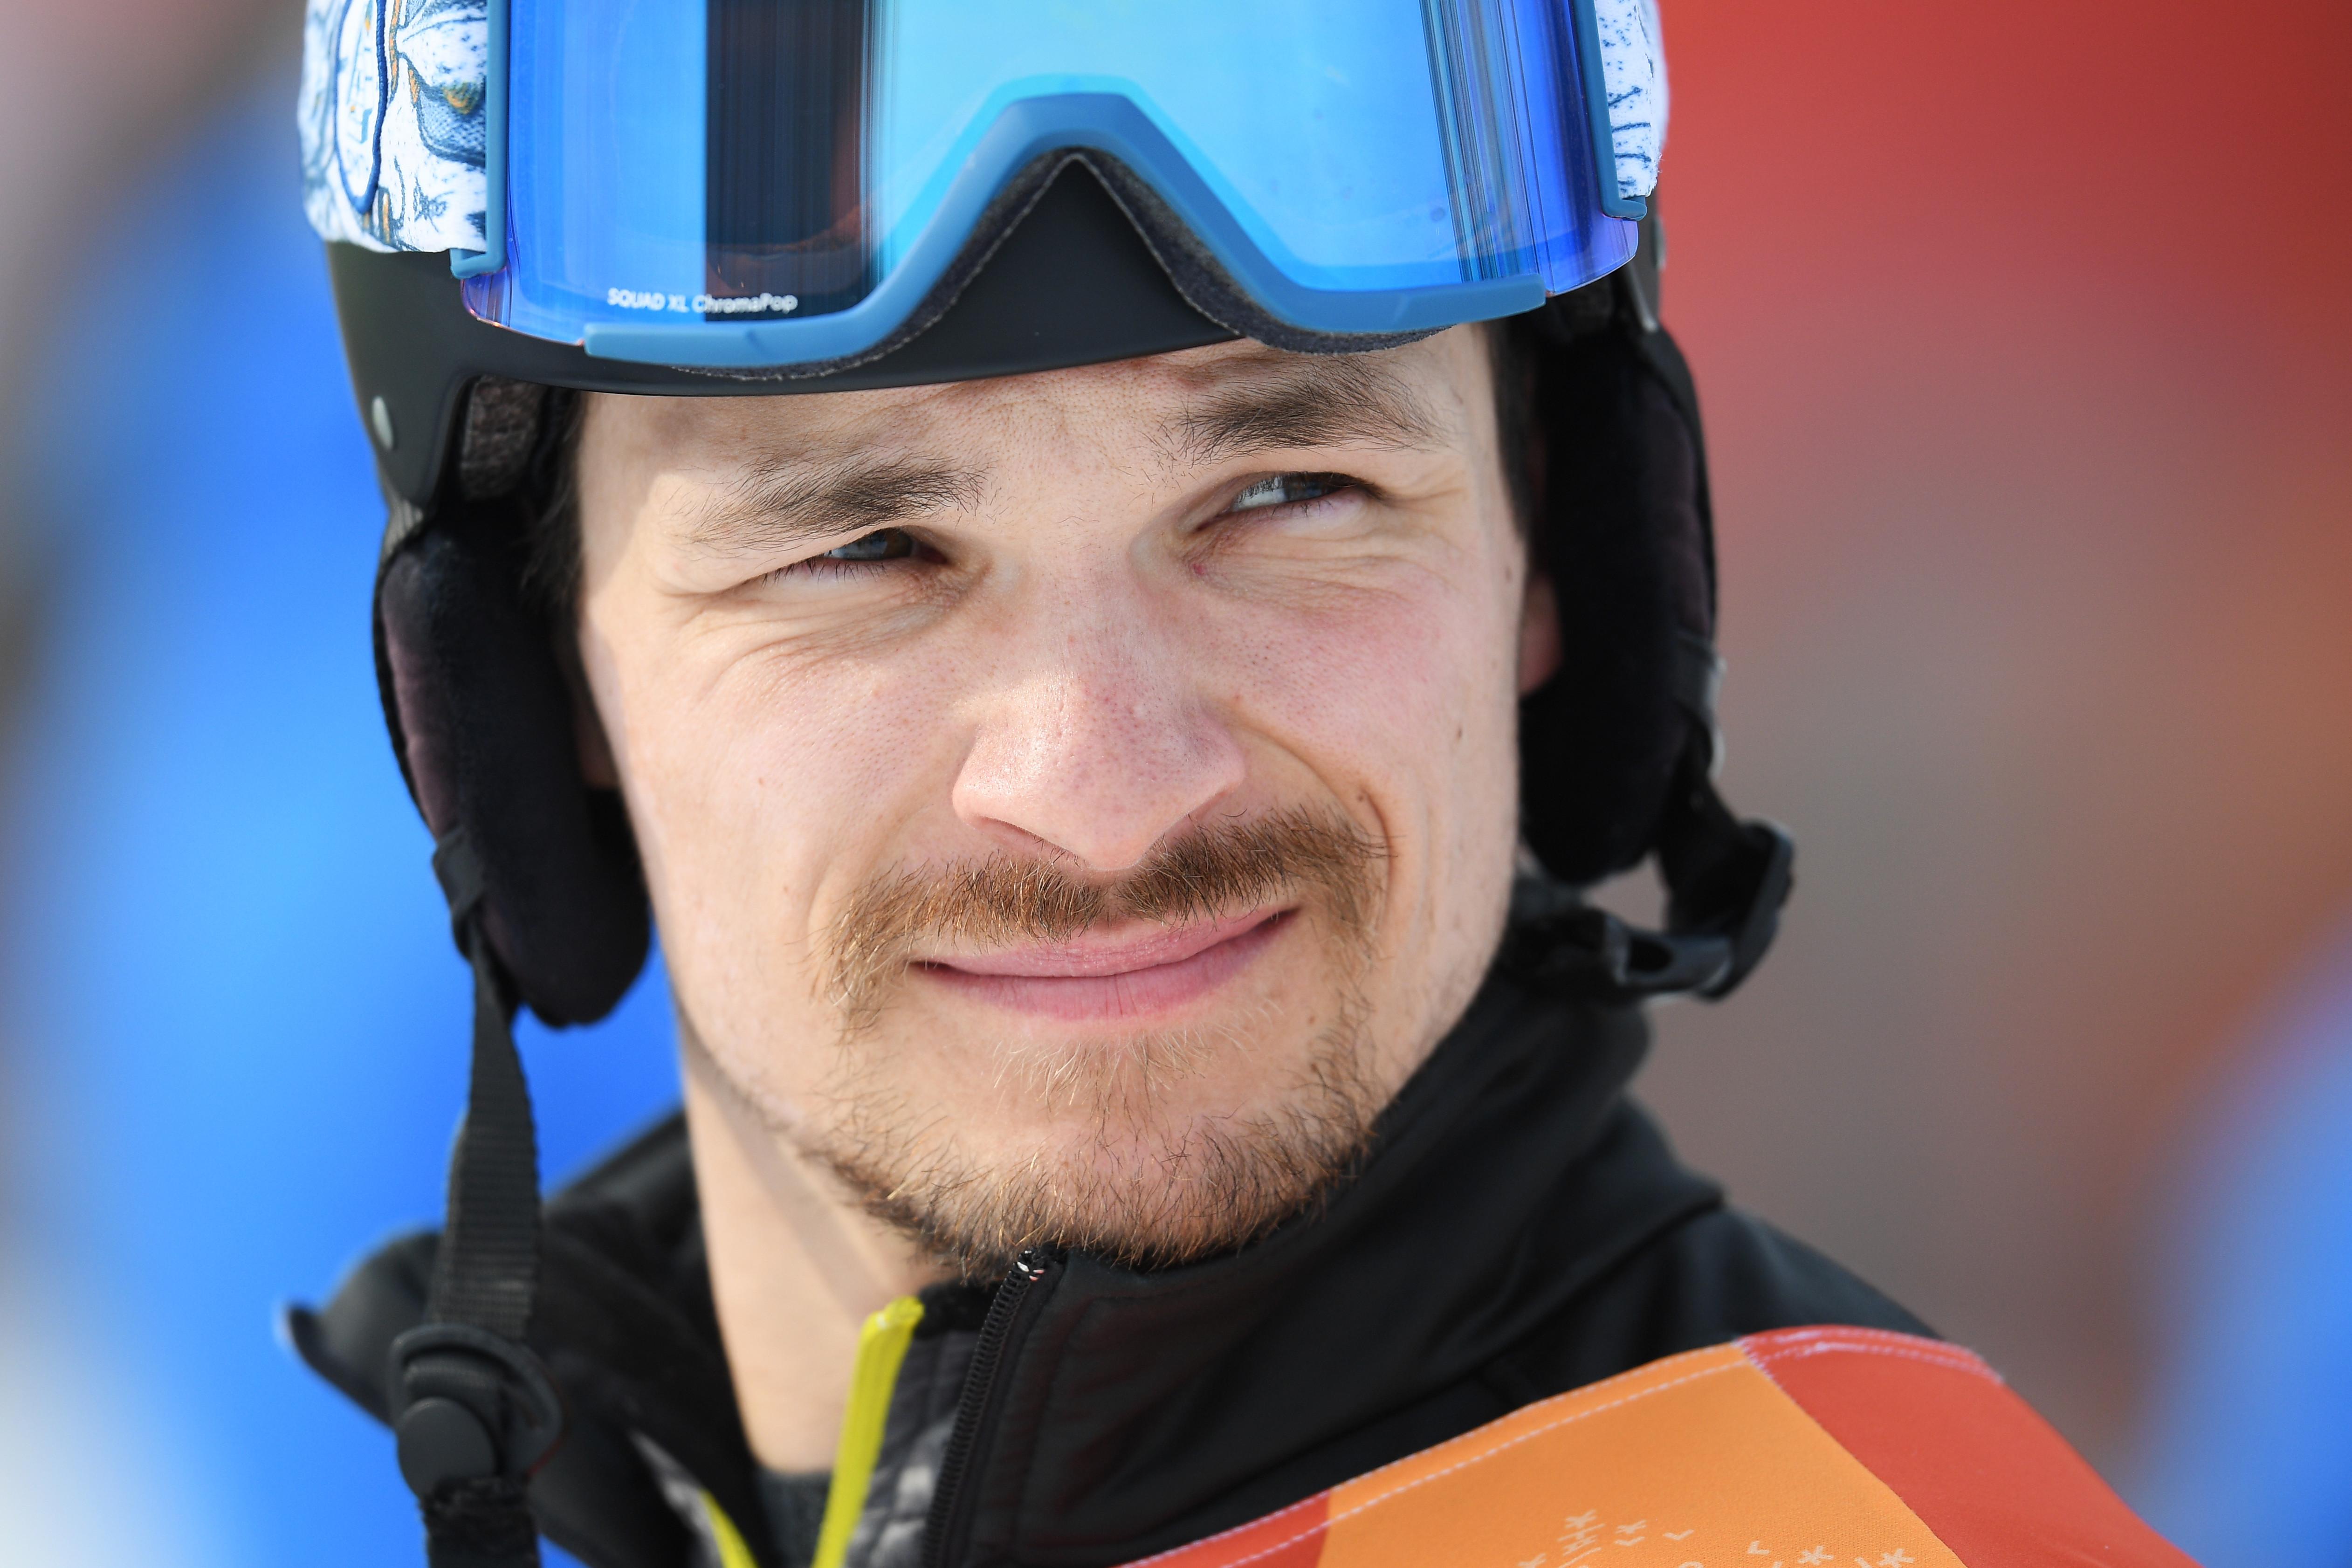 Российский сноубордист Вик Уайлд выбыл на стадии 1/8 финала. Фото: РИА Новости/Рамиль Ситдиков